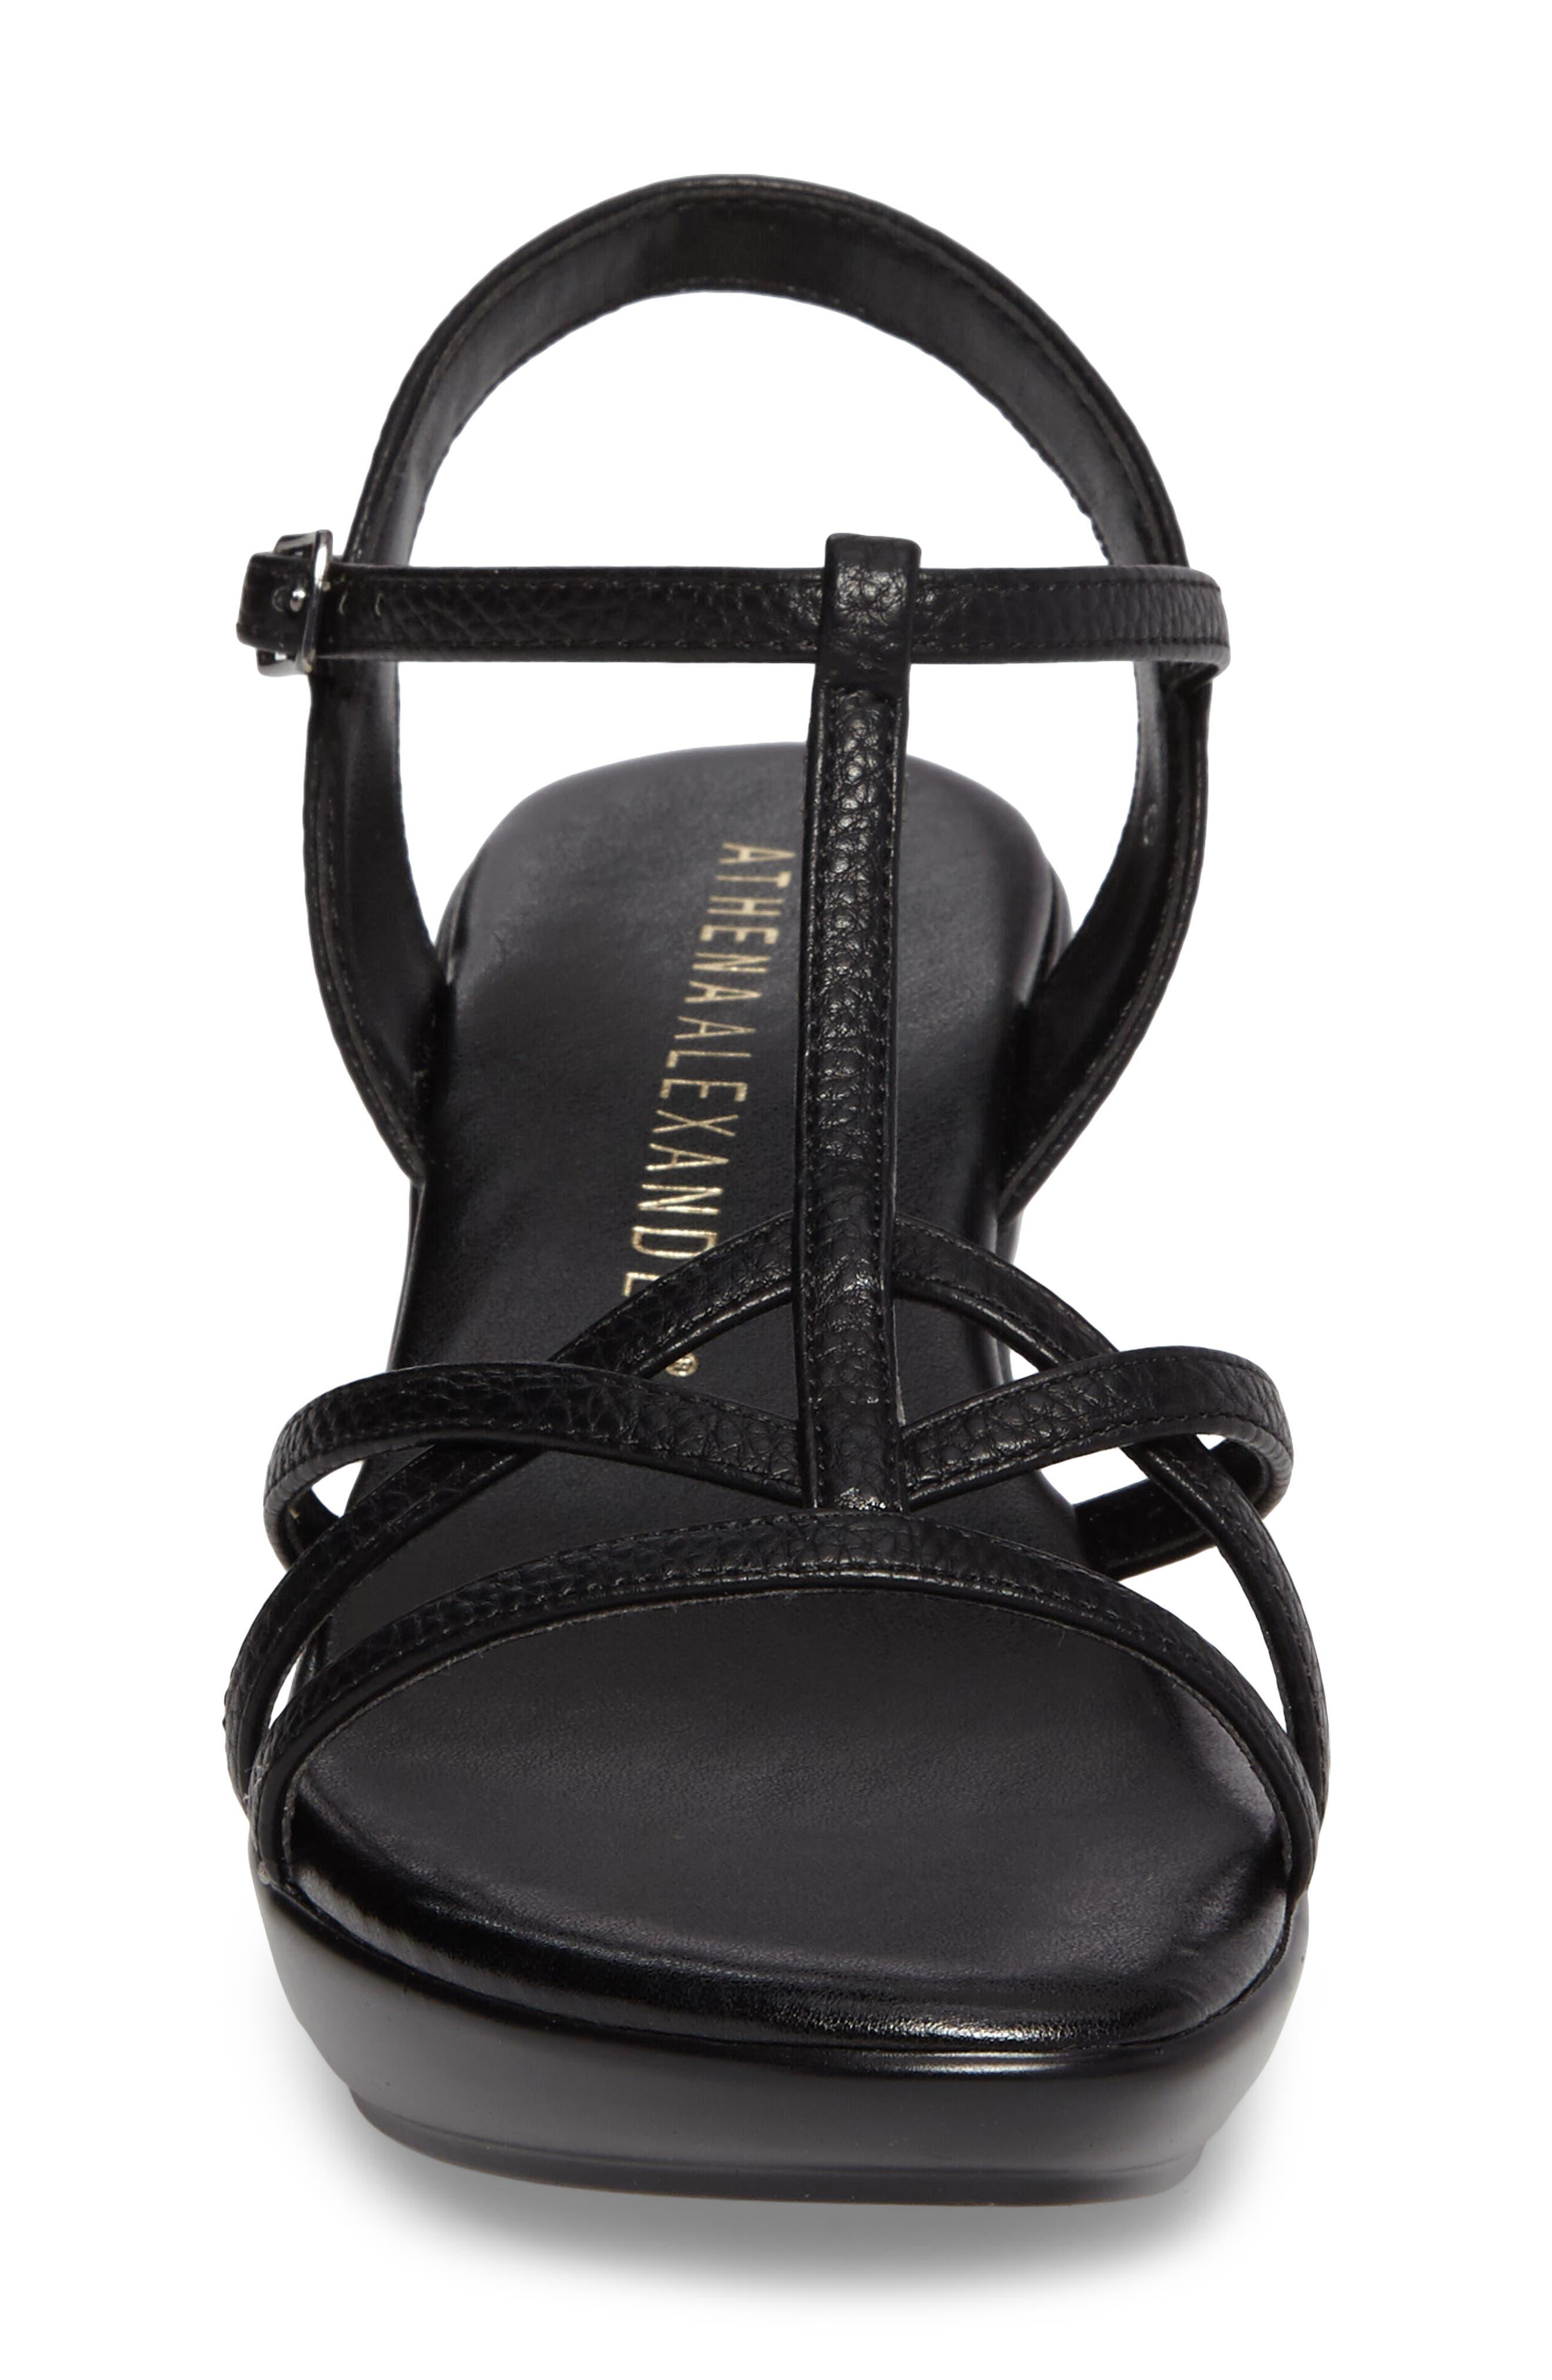 Cassort T-Strap Sandal,                             Alternate thumbnail 4, color,                             Black Faux Leather